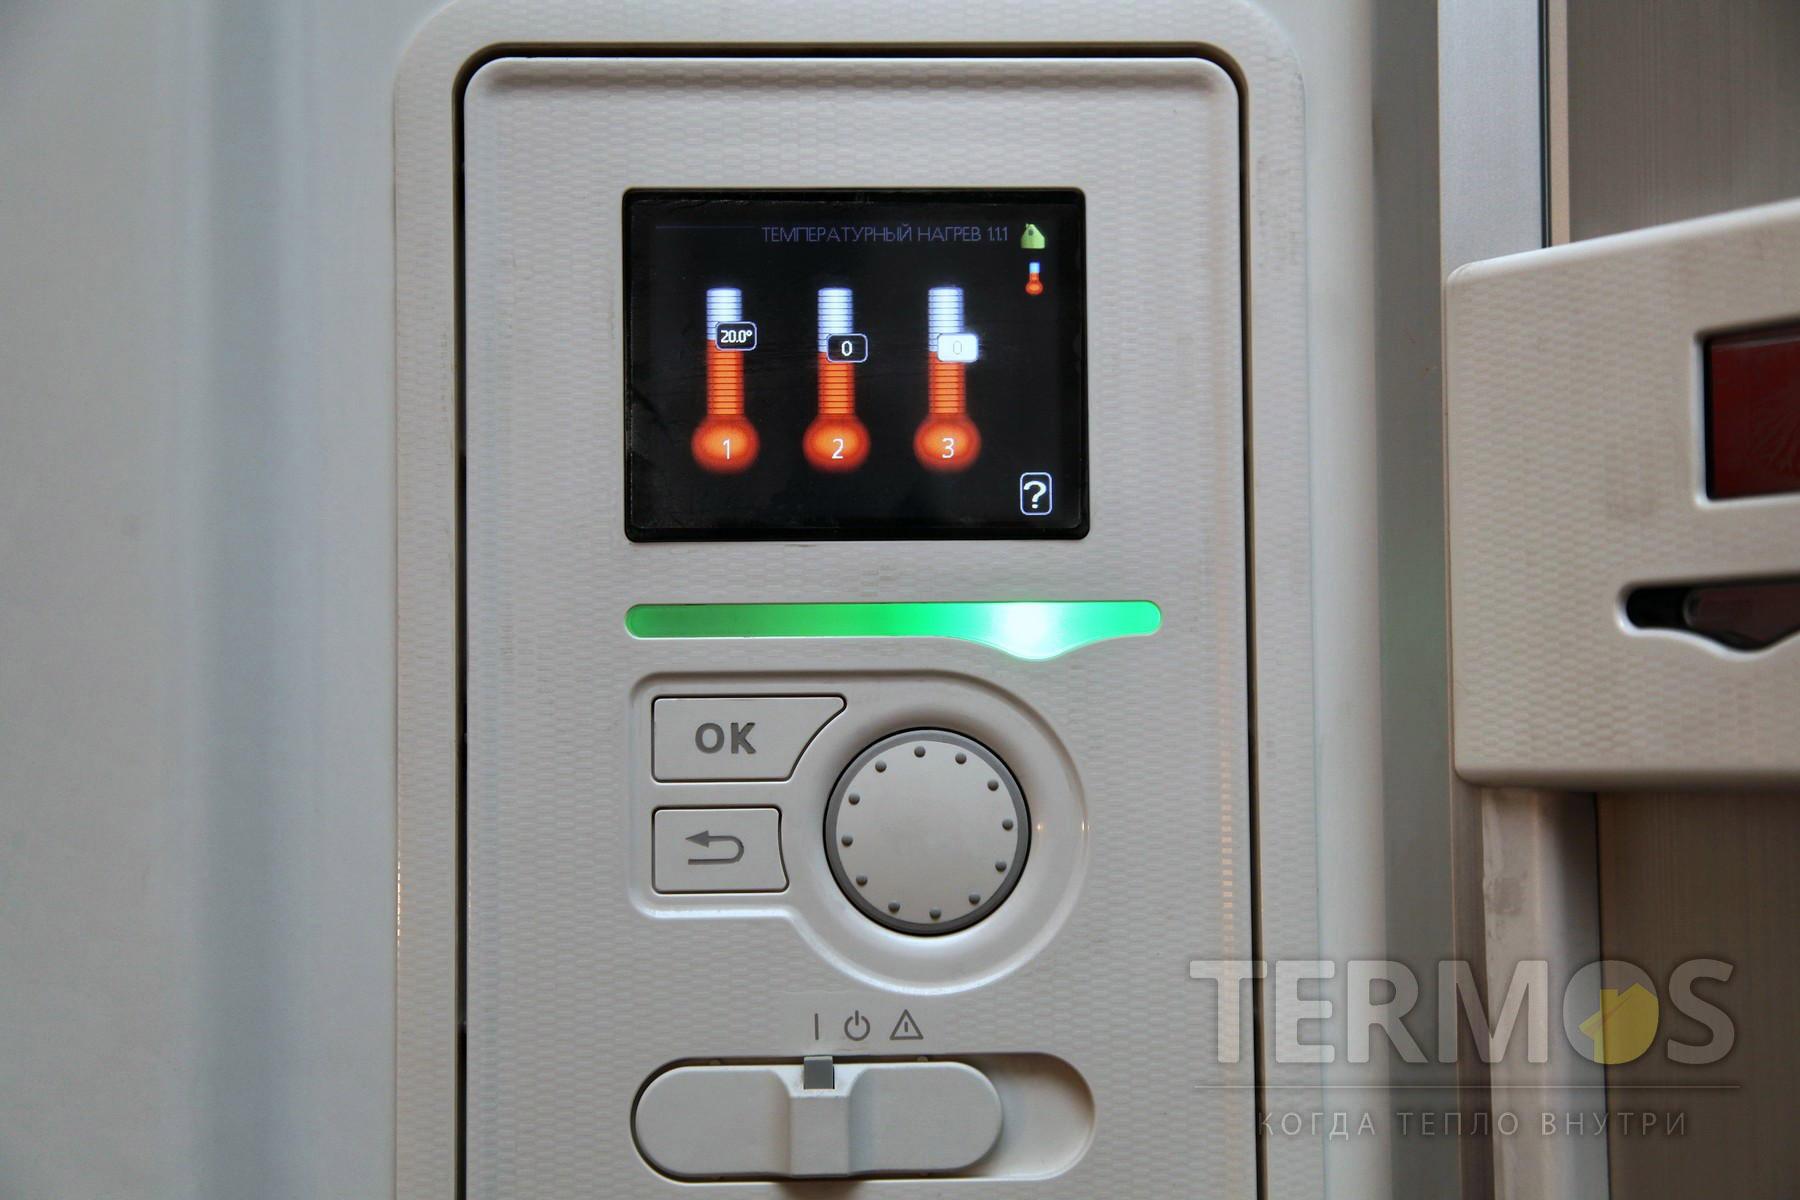 Золочи. Дом 240 кв м. Автоматика управления теплового насоса обеспечивает простое, интуитивно понятное управление, с справочным меню на каждой вкладке управления.